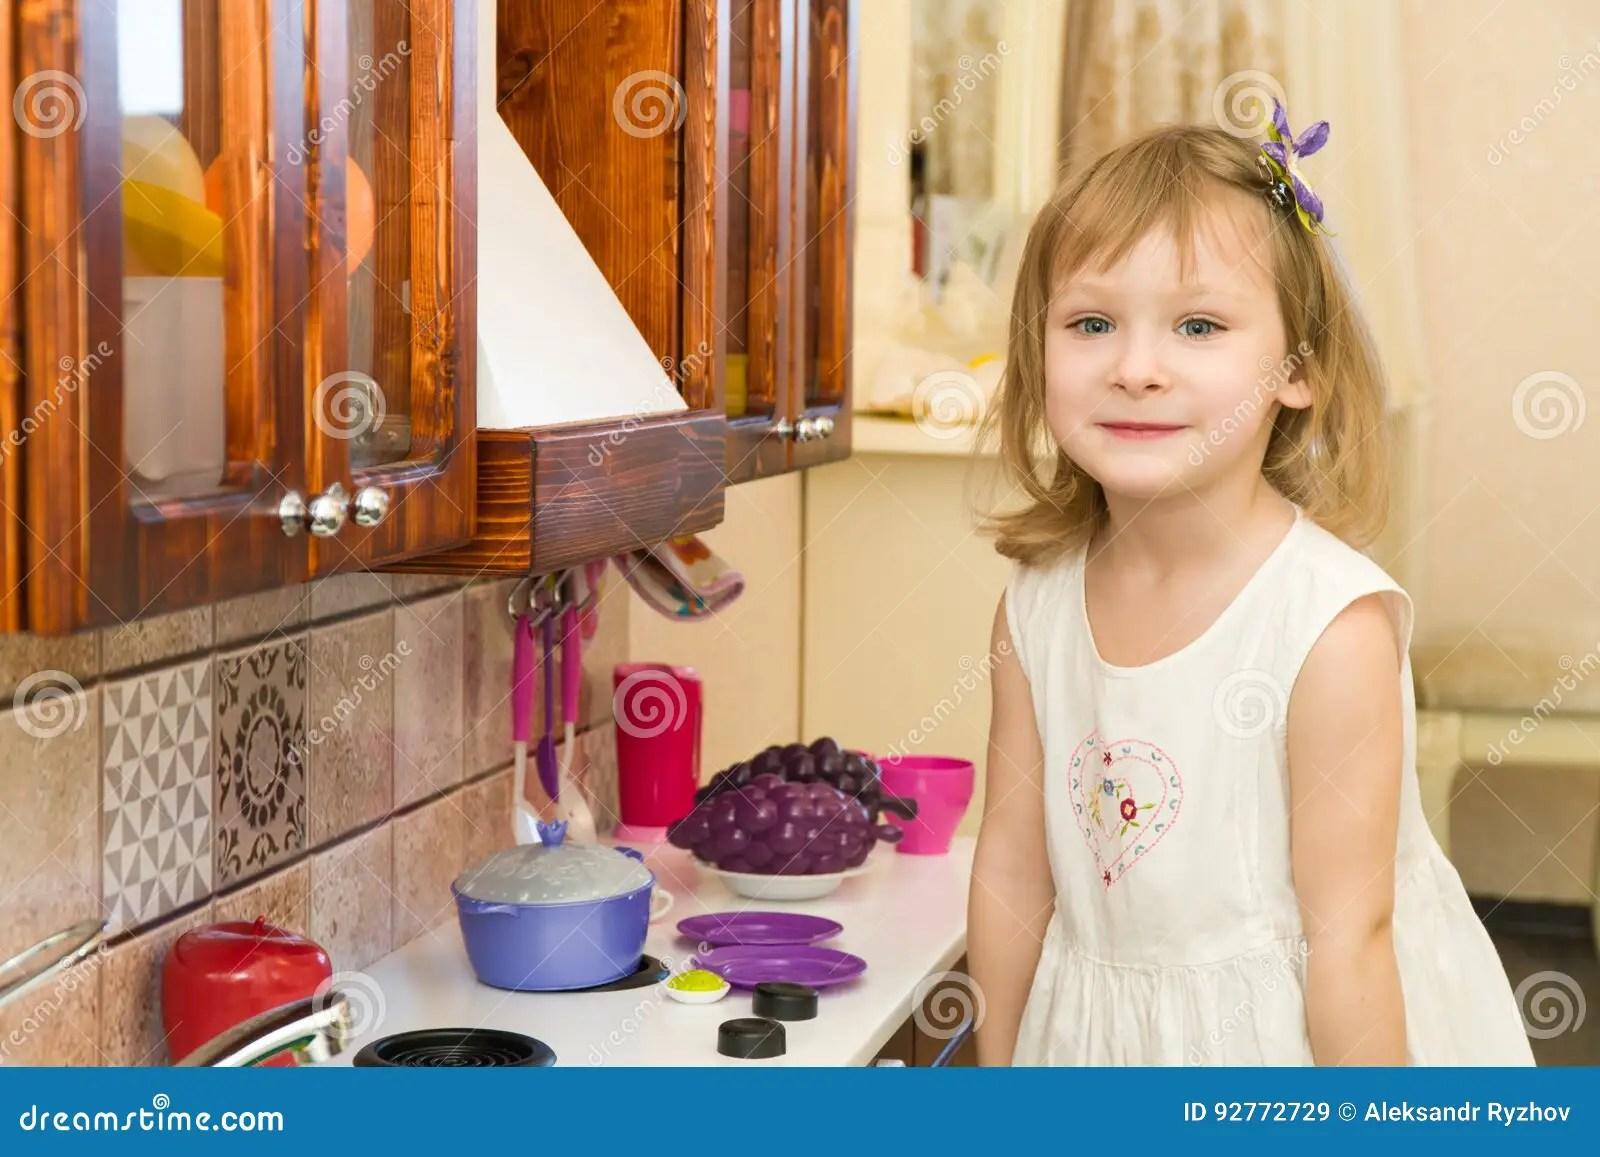 kids wooden kitchen tables and more 活跃矮小的学龄前年龄孩子 有白肤金发的卷发的逗人喜爱的小孩女孩 显示 在厨房显示演奏厨房 由木头制成 戏剧